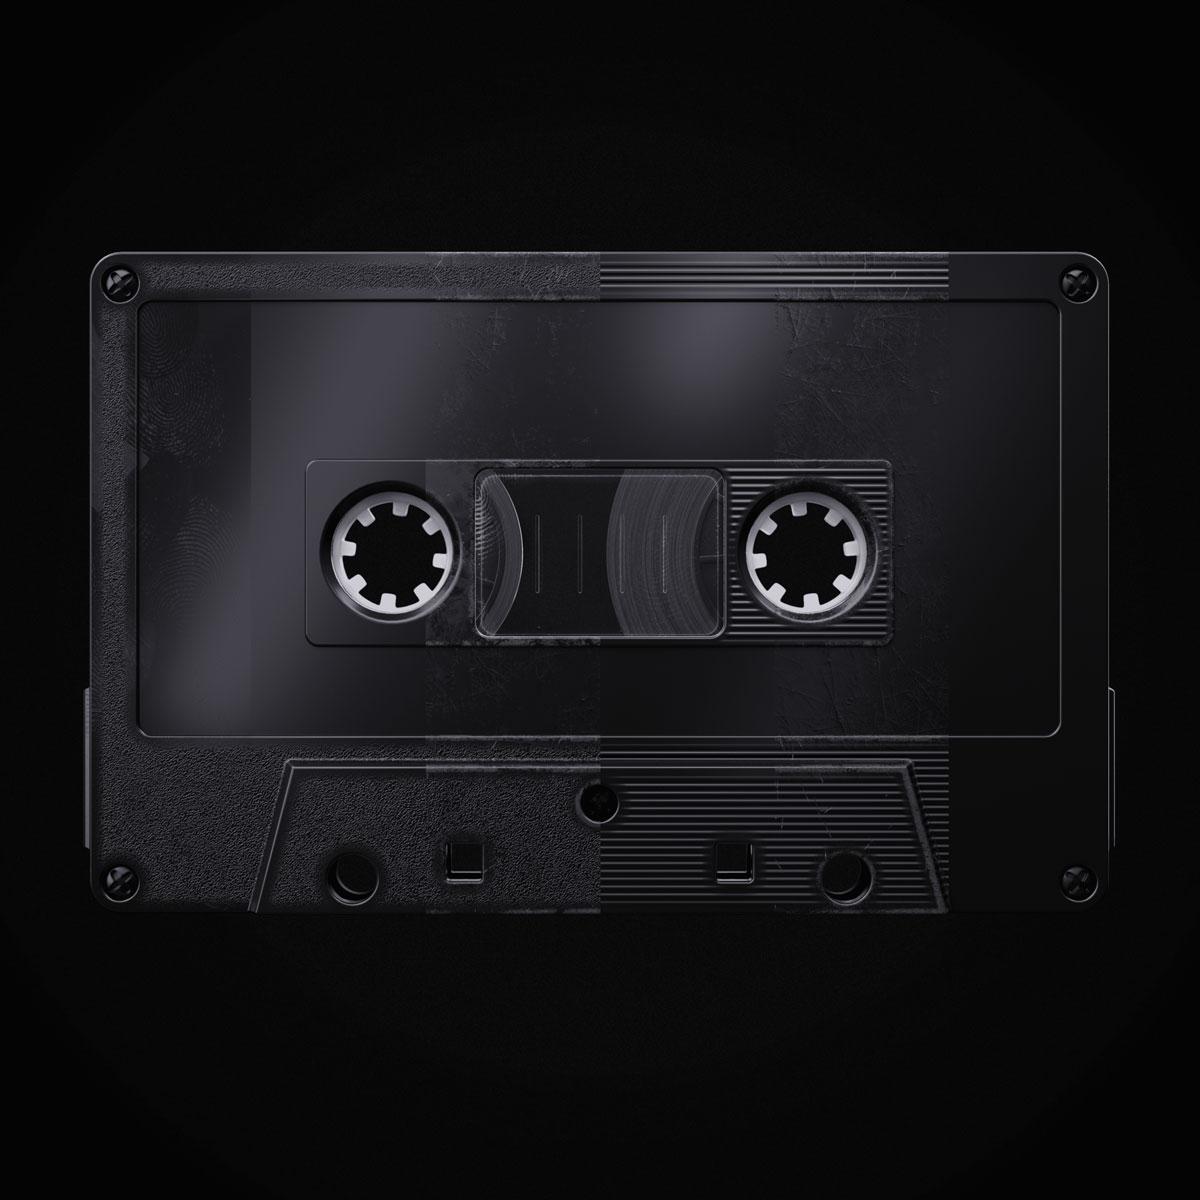 [淘宝购买] 潮流复古盒式磁带录音带设计智能贴图展示样机模板 Undead's Mix '80插图(2)